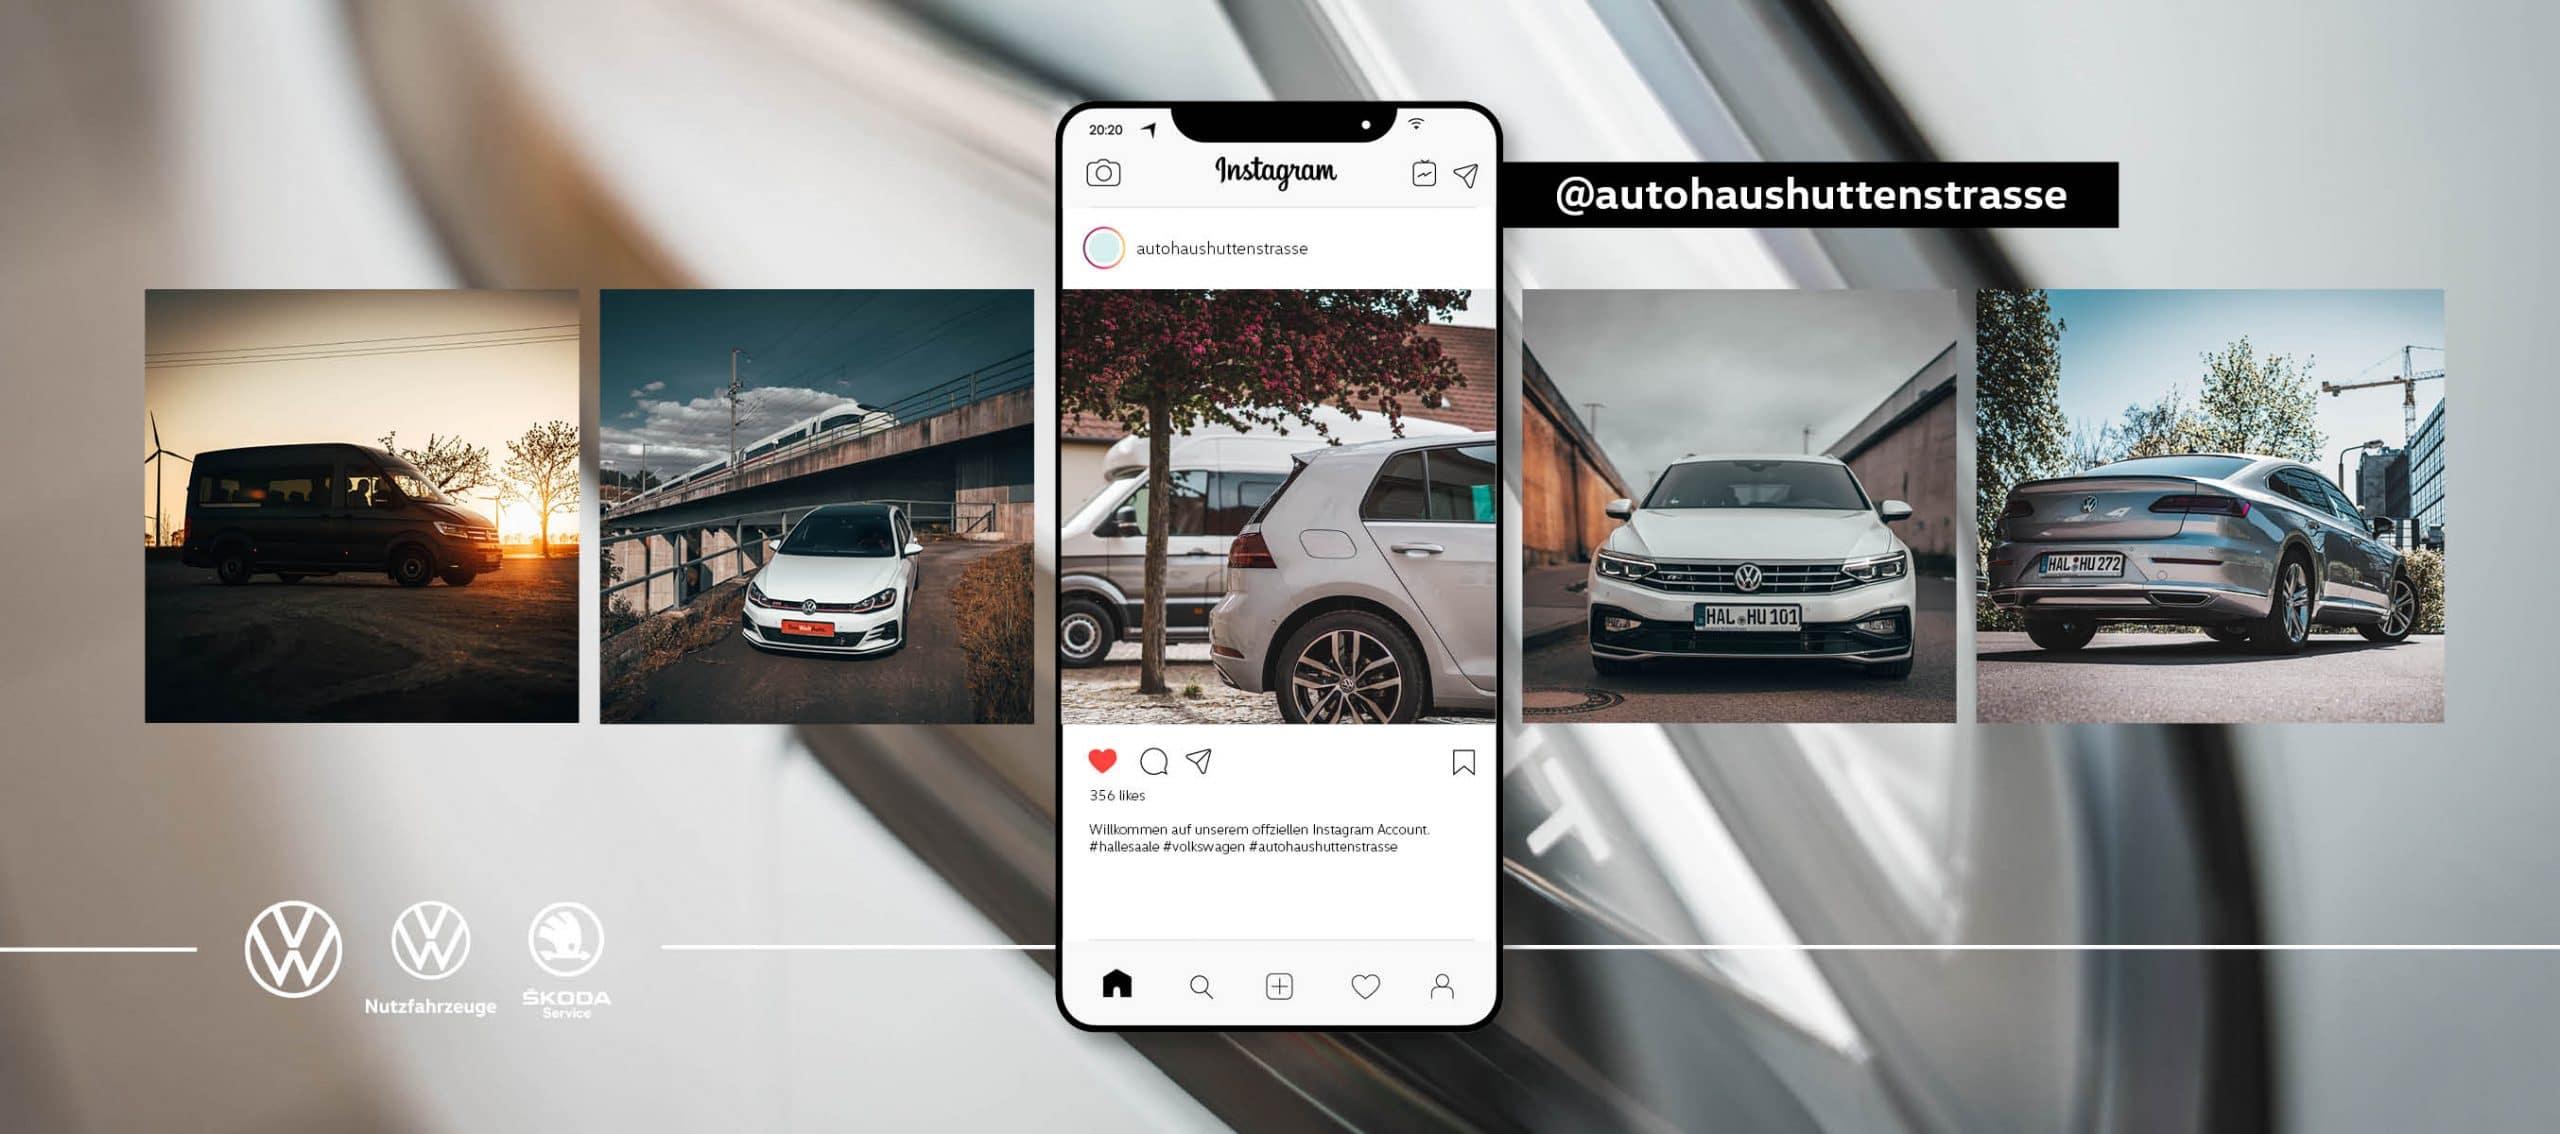 VW Instagram Huttenstraße